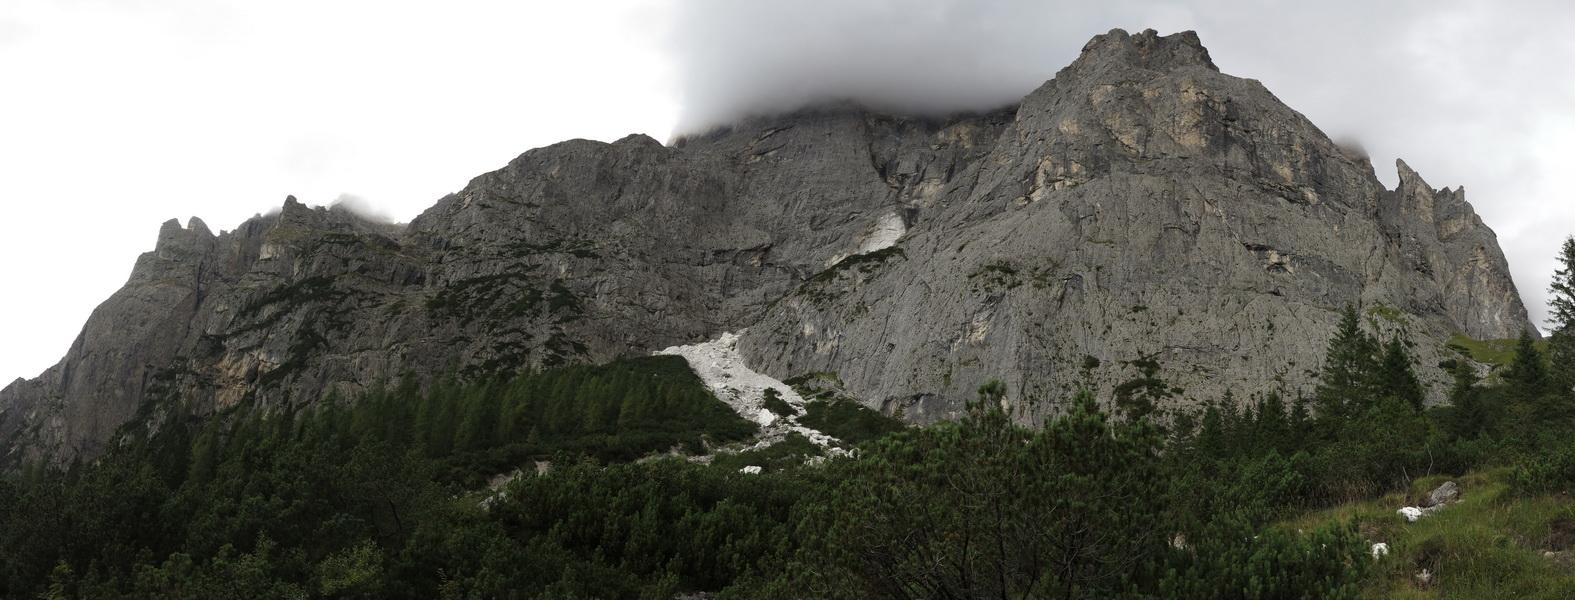 Rückblick auf Jägersteig- von links absteigend zum Ausstieg am Oberrand des Schotterfeldes